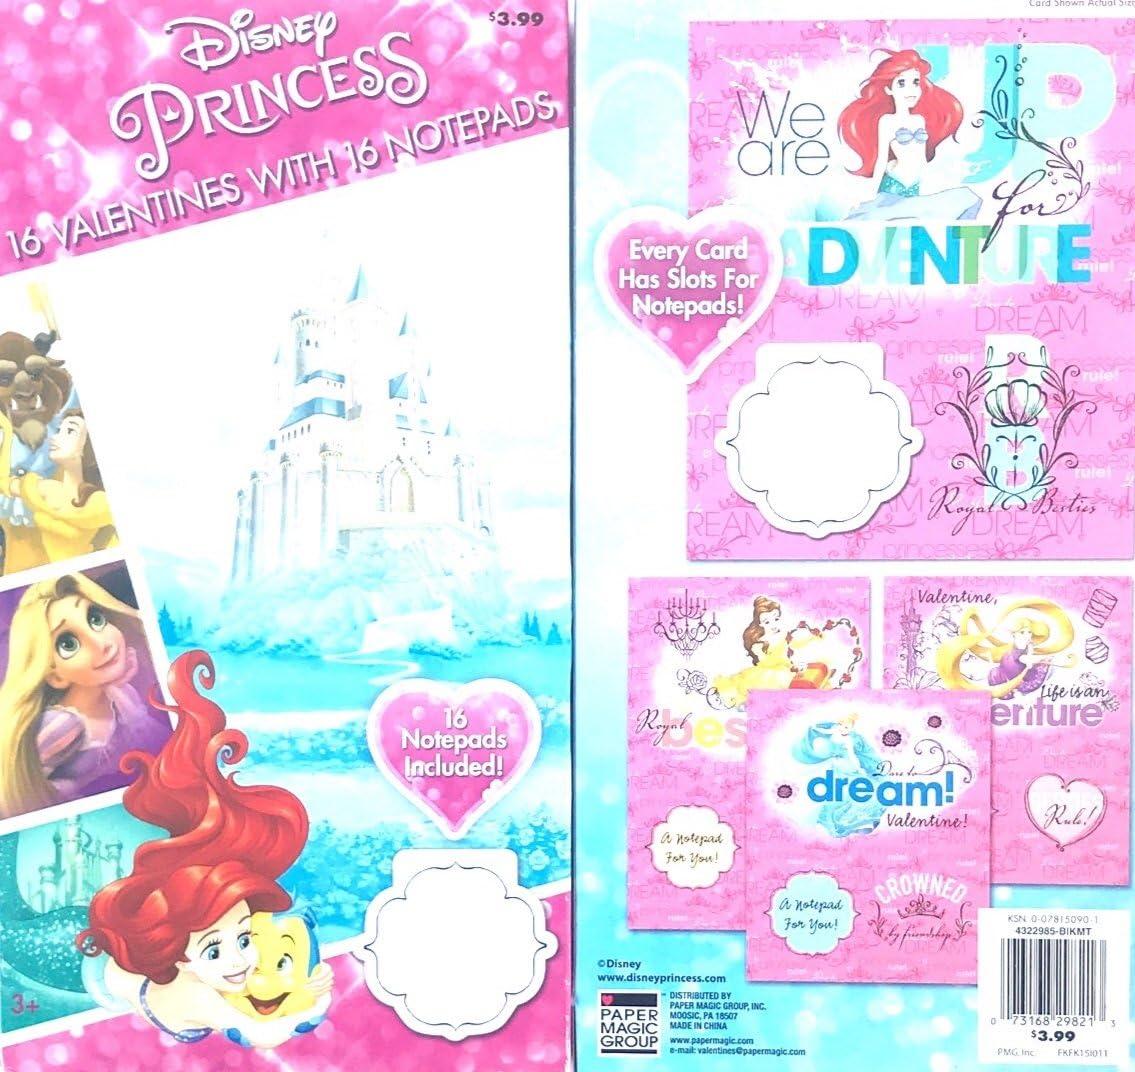 16 Dinsey Princess Valentines DayカードW / 16ノートパッドアリエル、ベル、ラプンツェル、シンデレラ